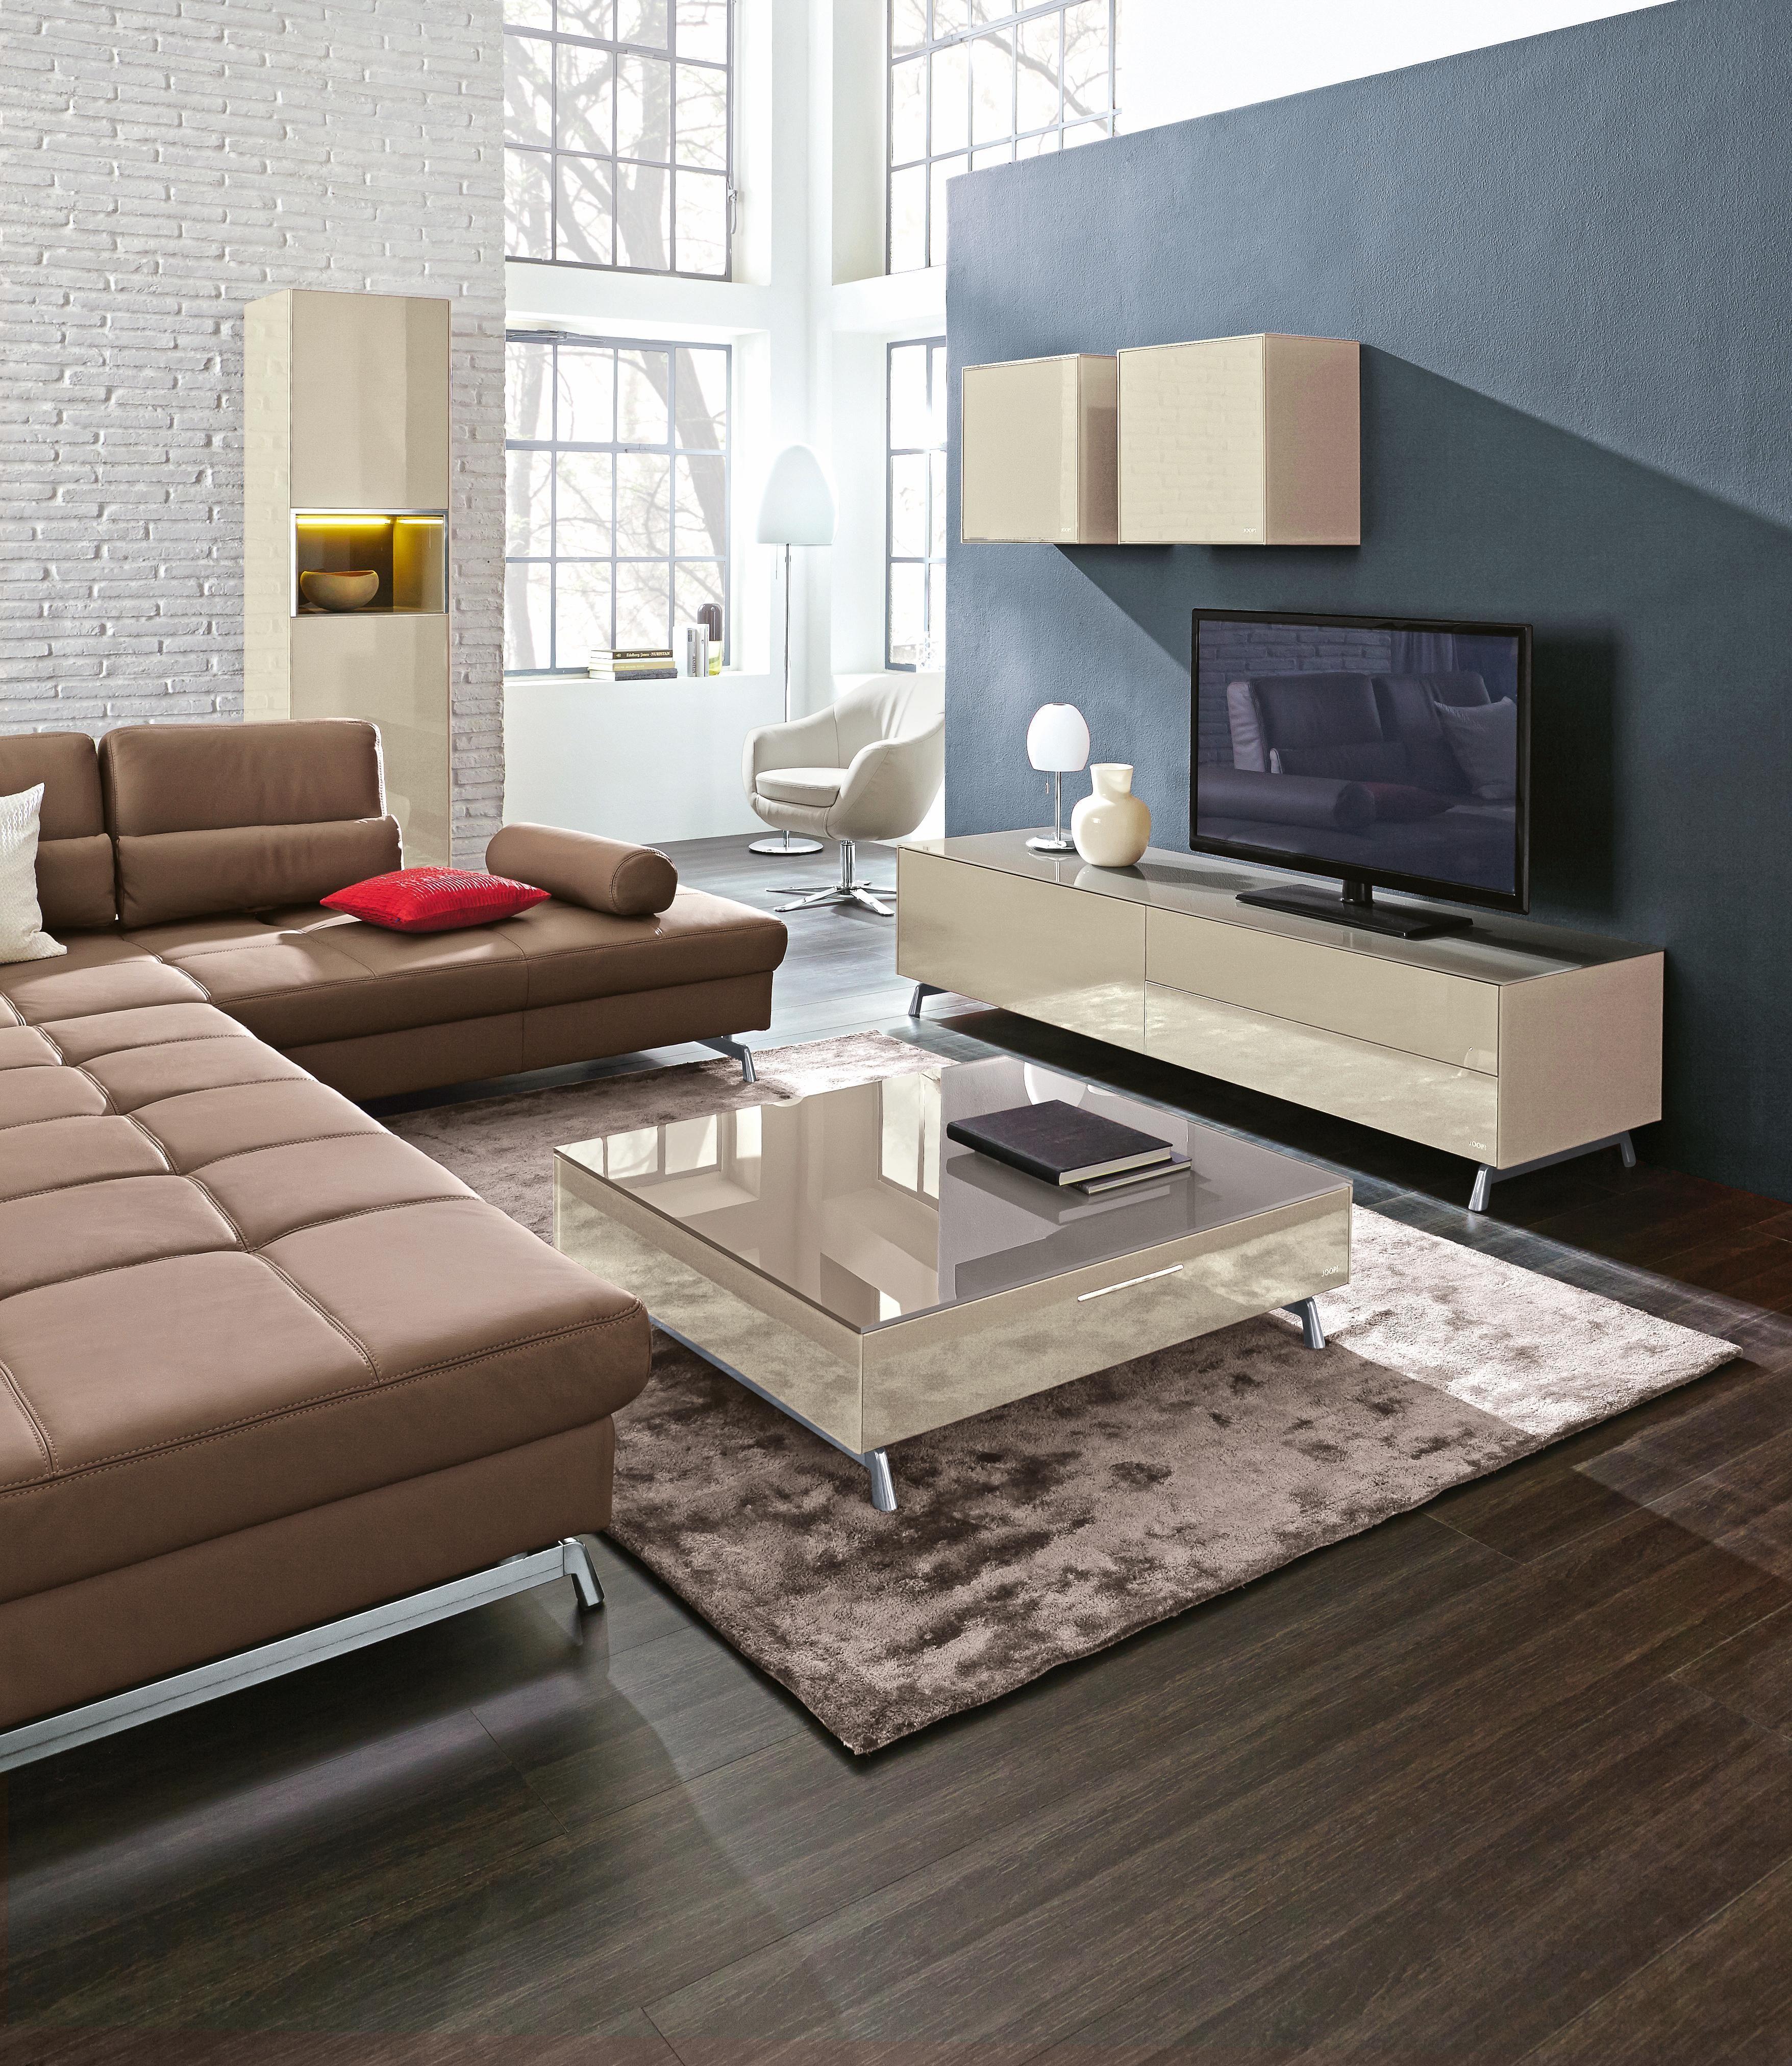 5 Konventionell Fotos Von Joop Wohnzimmer Möbel  Wohnen, Joop